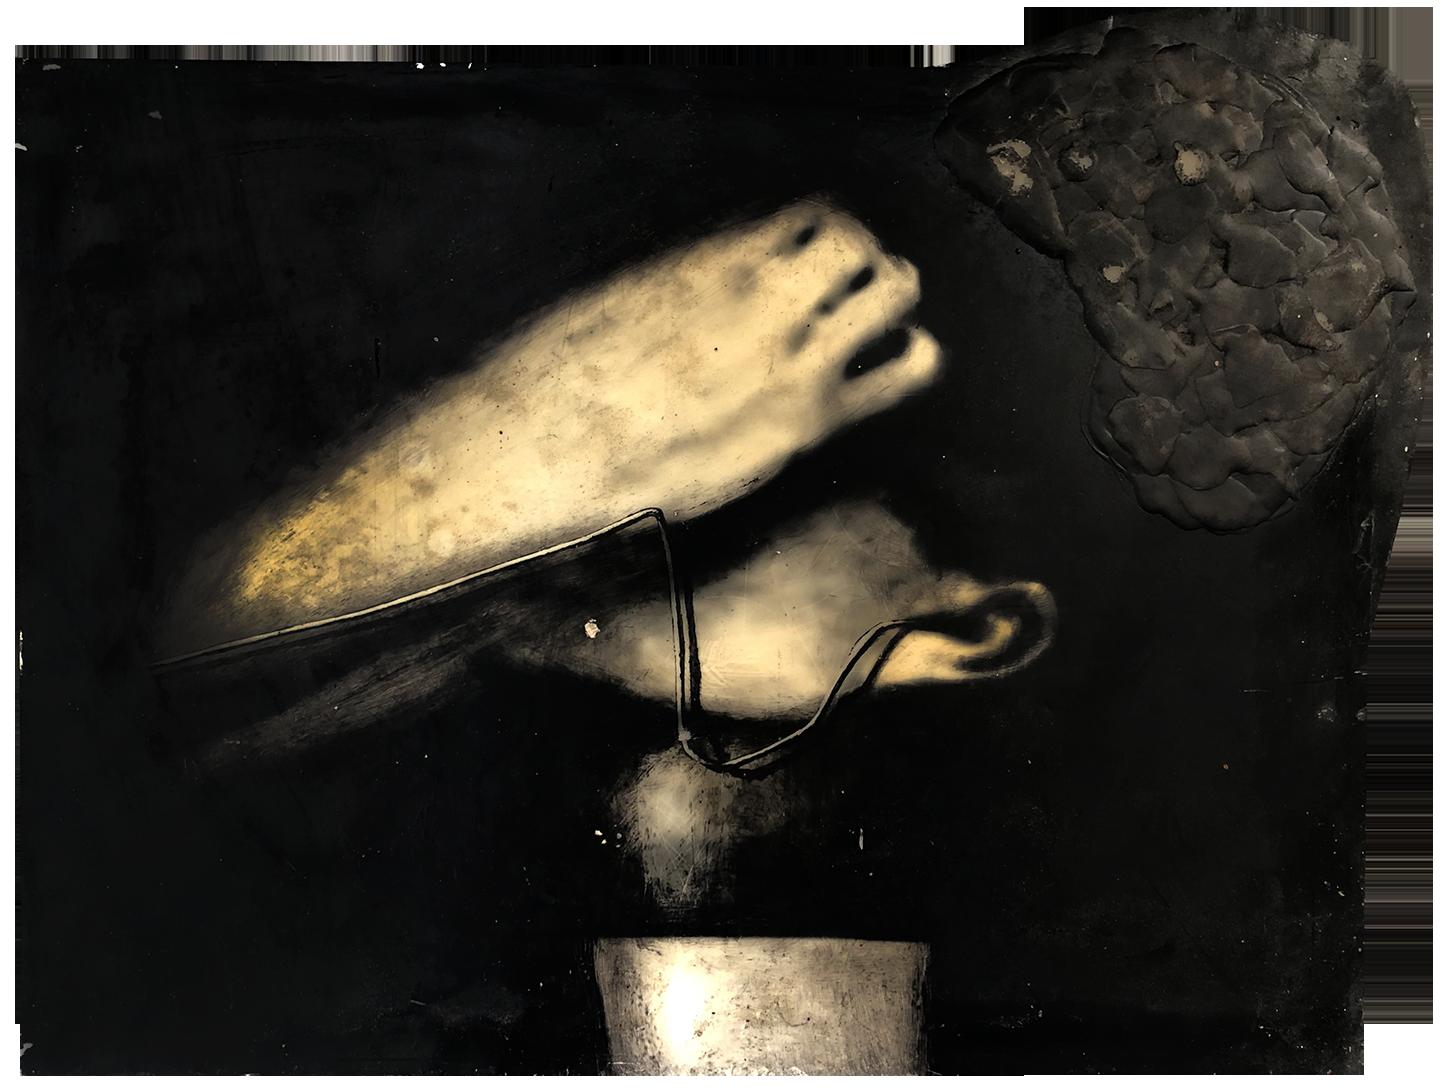 Virgilio Rospigliosi. Studio sulla concentrazione (Archetipi Psichici Visivi). 1996©. Cm 33x46, acrilico e cera su carta fotografica applicata ad alluminio.png